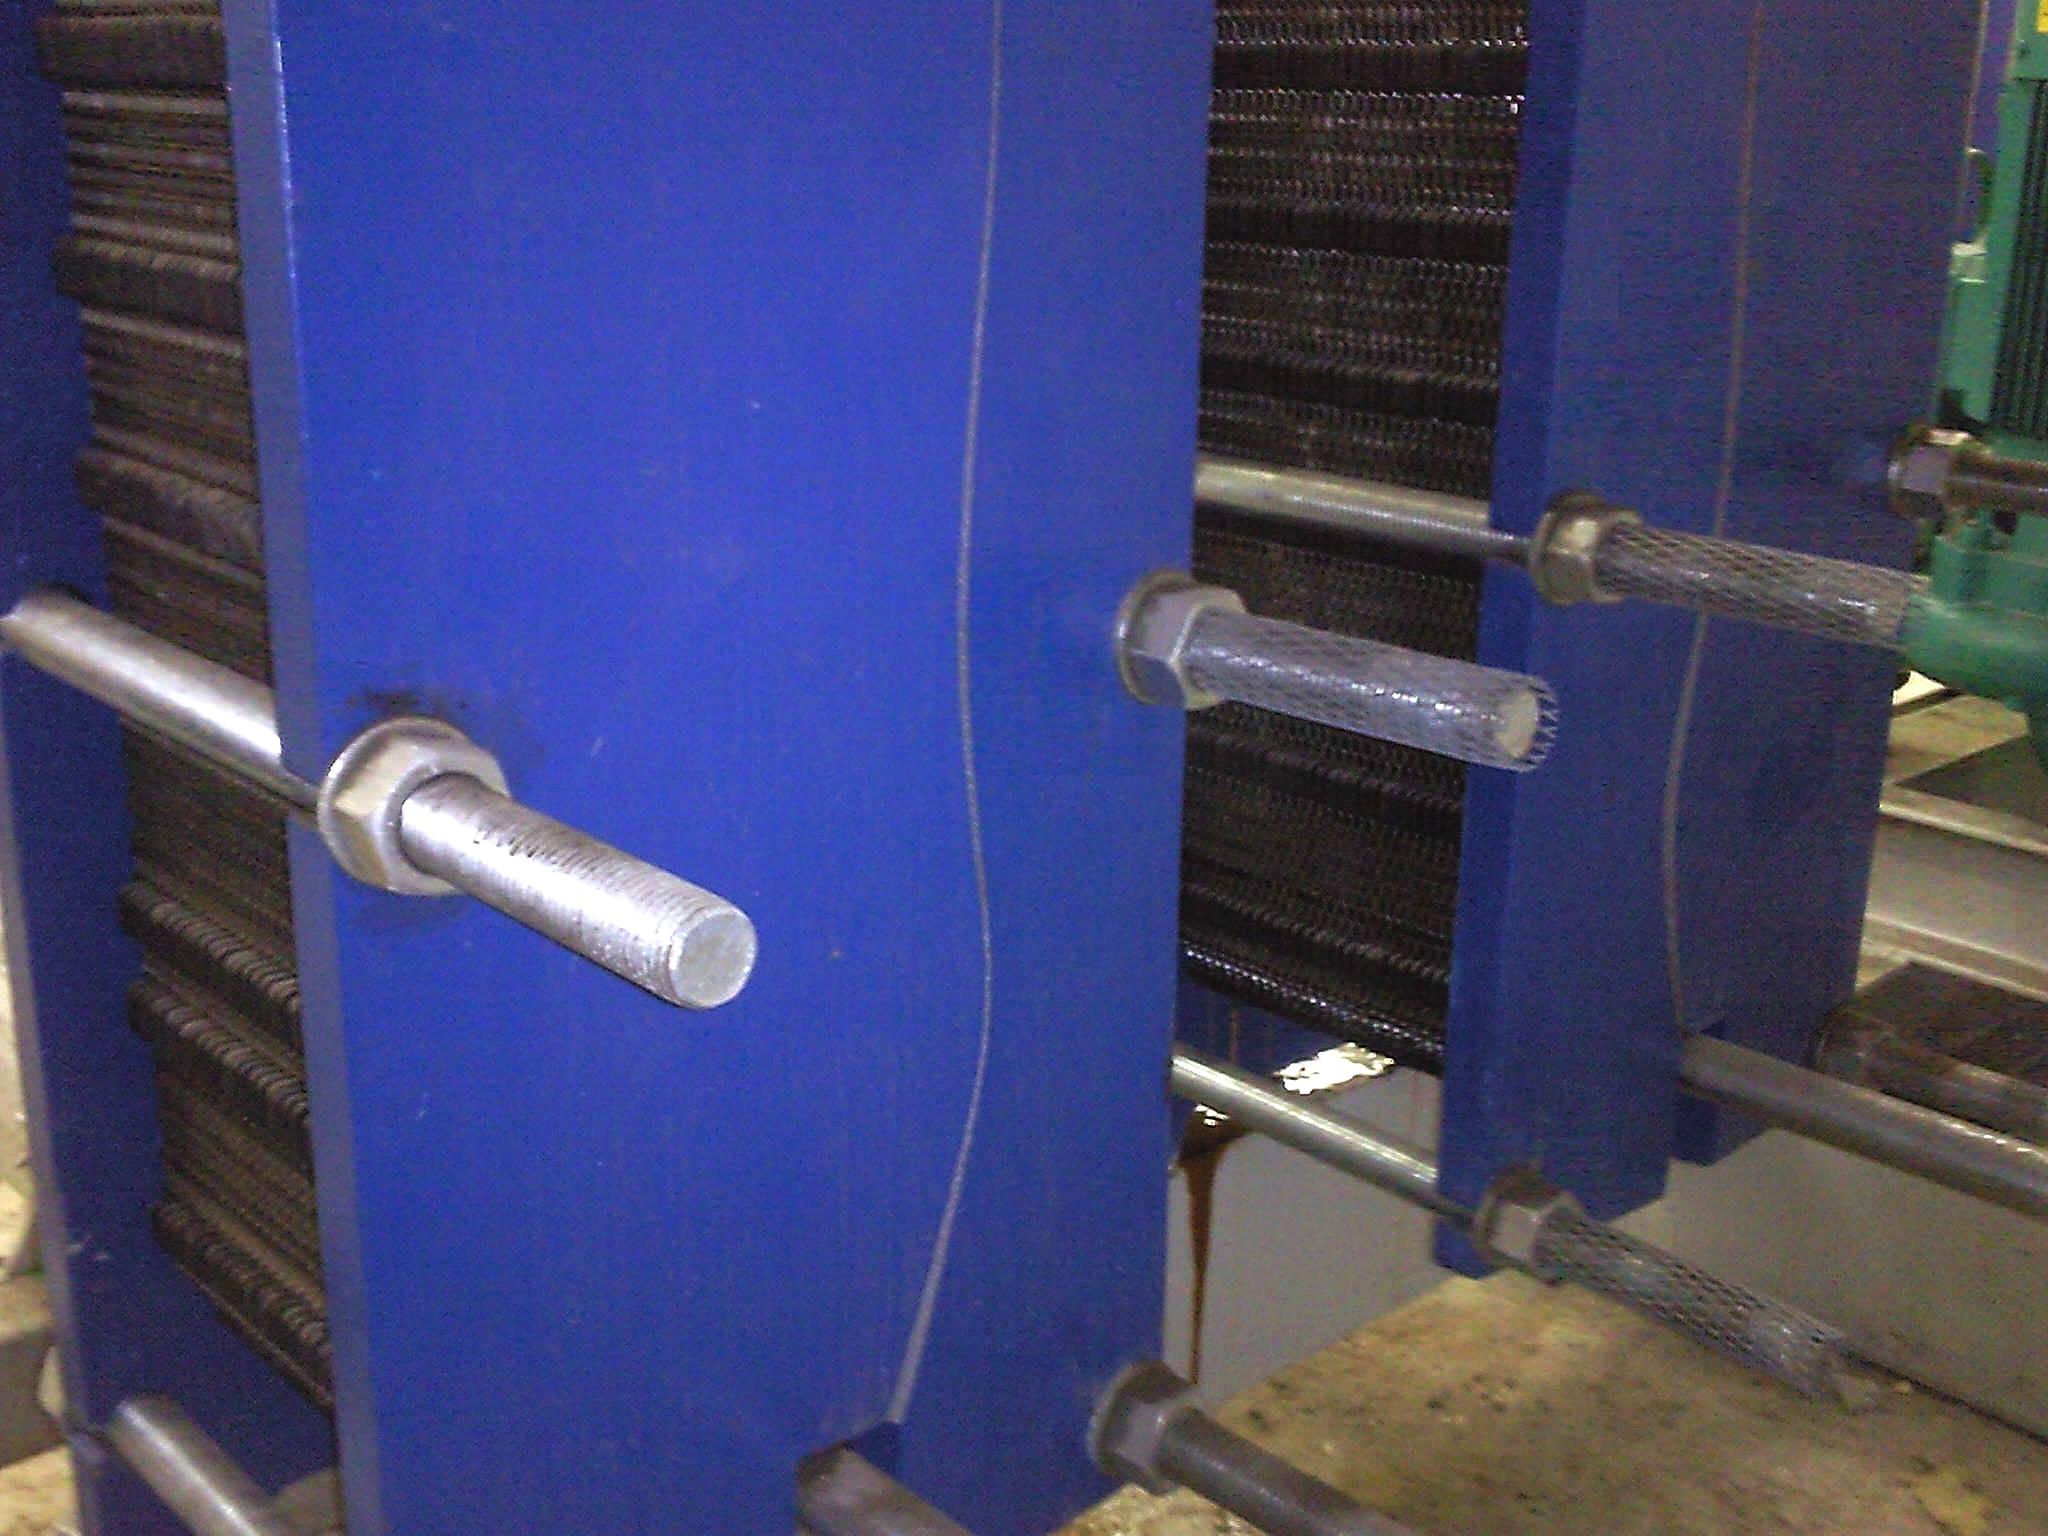 Пластинчатый теплообменник сервисное обслуживание сколько стоит пластинчатый теплообменник ts6 mfg